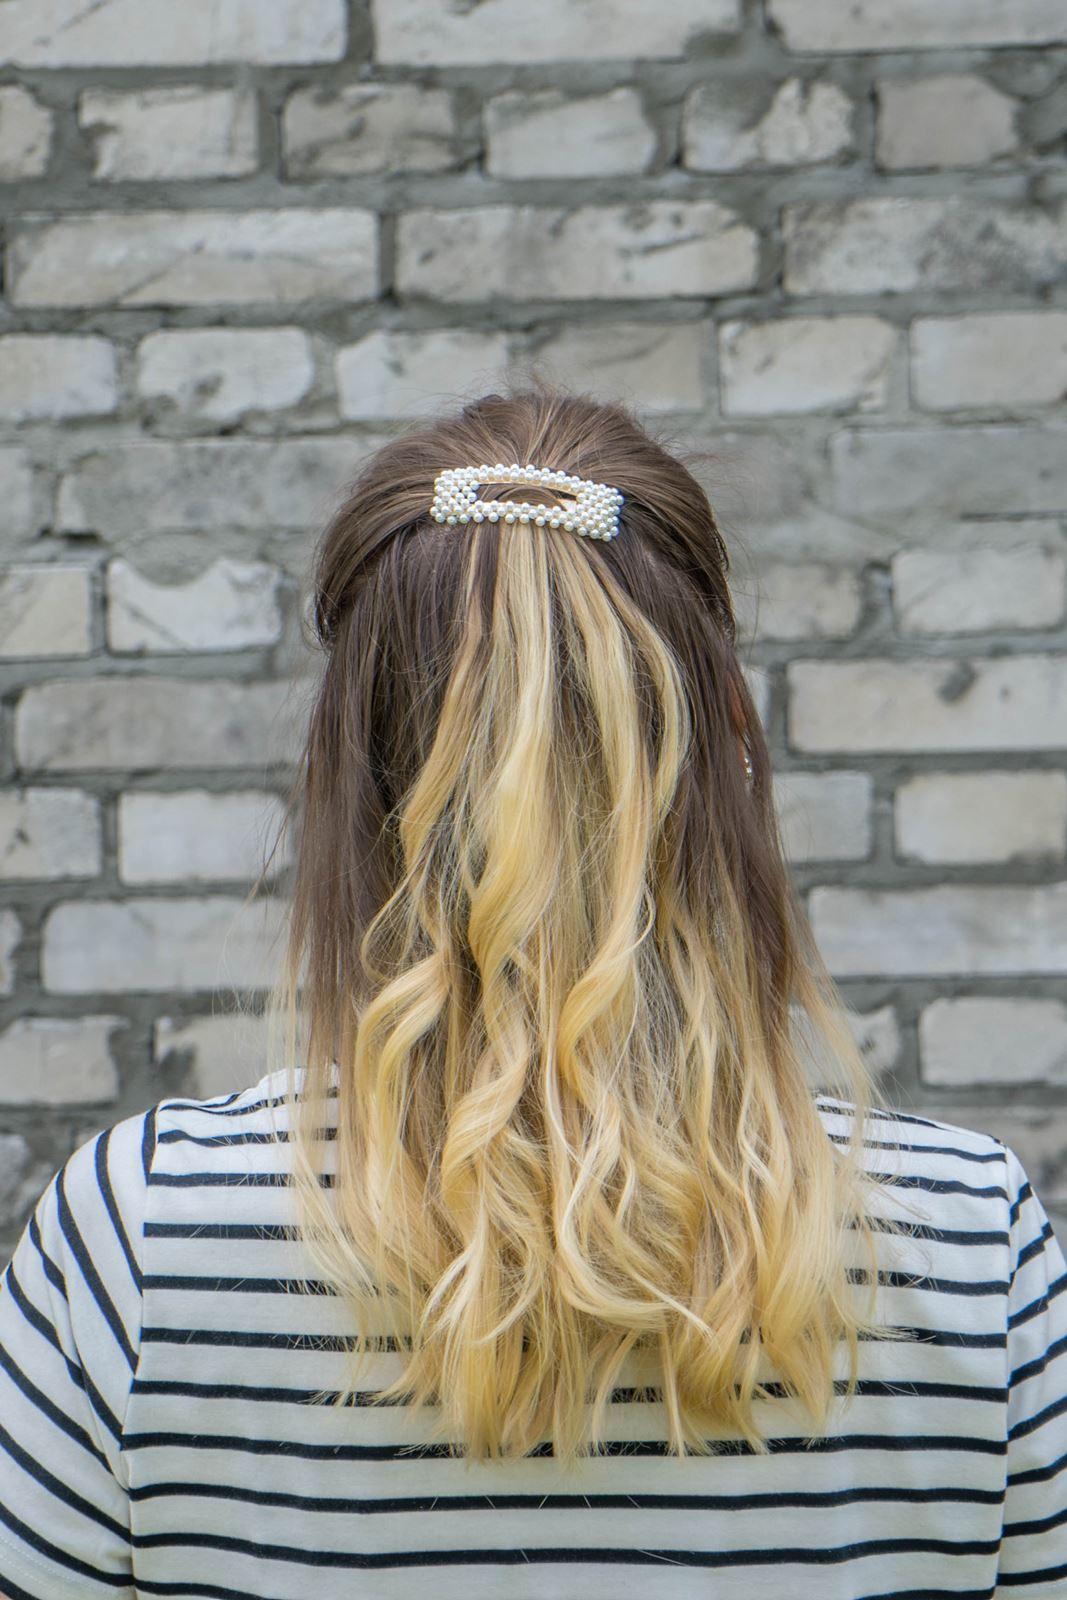 4 gdzie kupić ozdobne spinki do włosów z perłami i muszelkami fryzury, które odmładzają, postarzają, dodają lat, podobają się facetom, wyszczuplają twarz, proste fryzury do zrobienia samemu krok po kroku